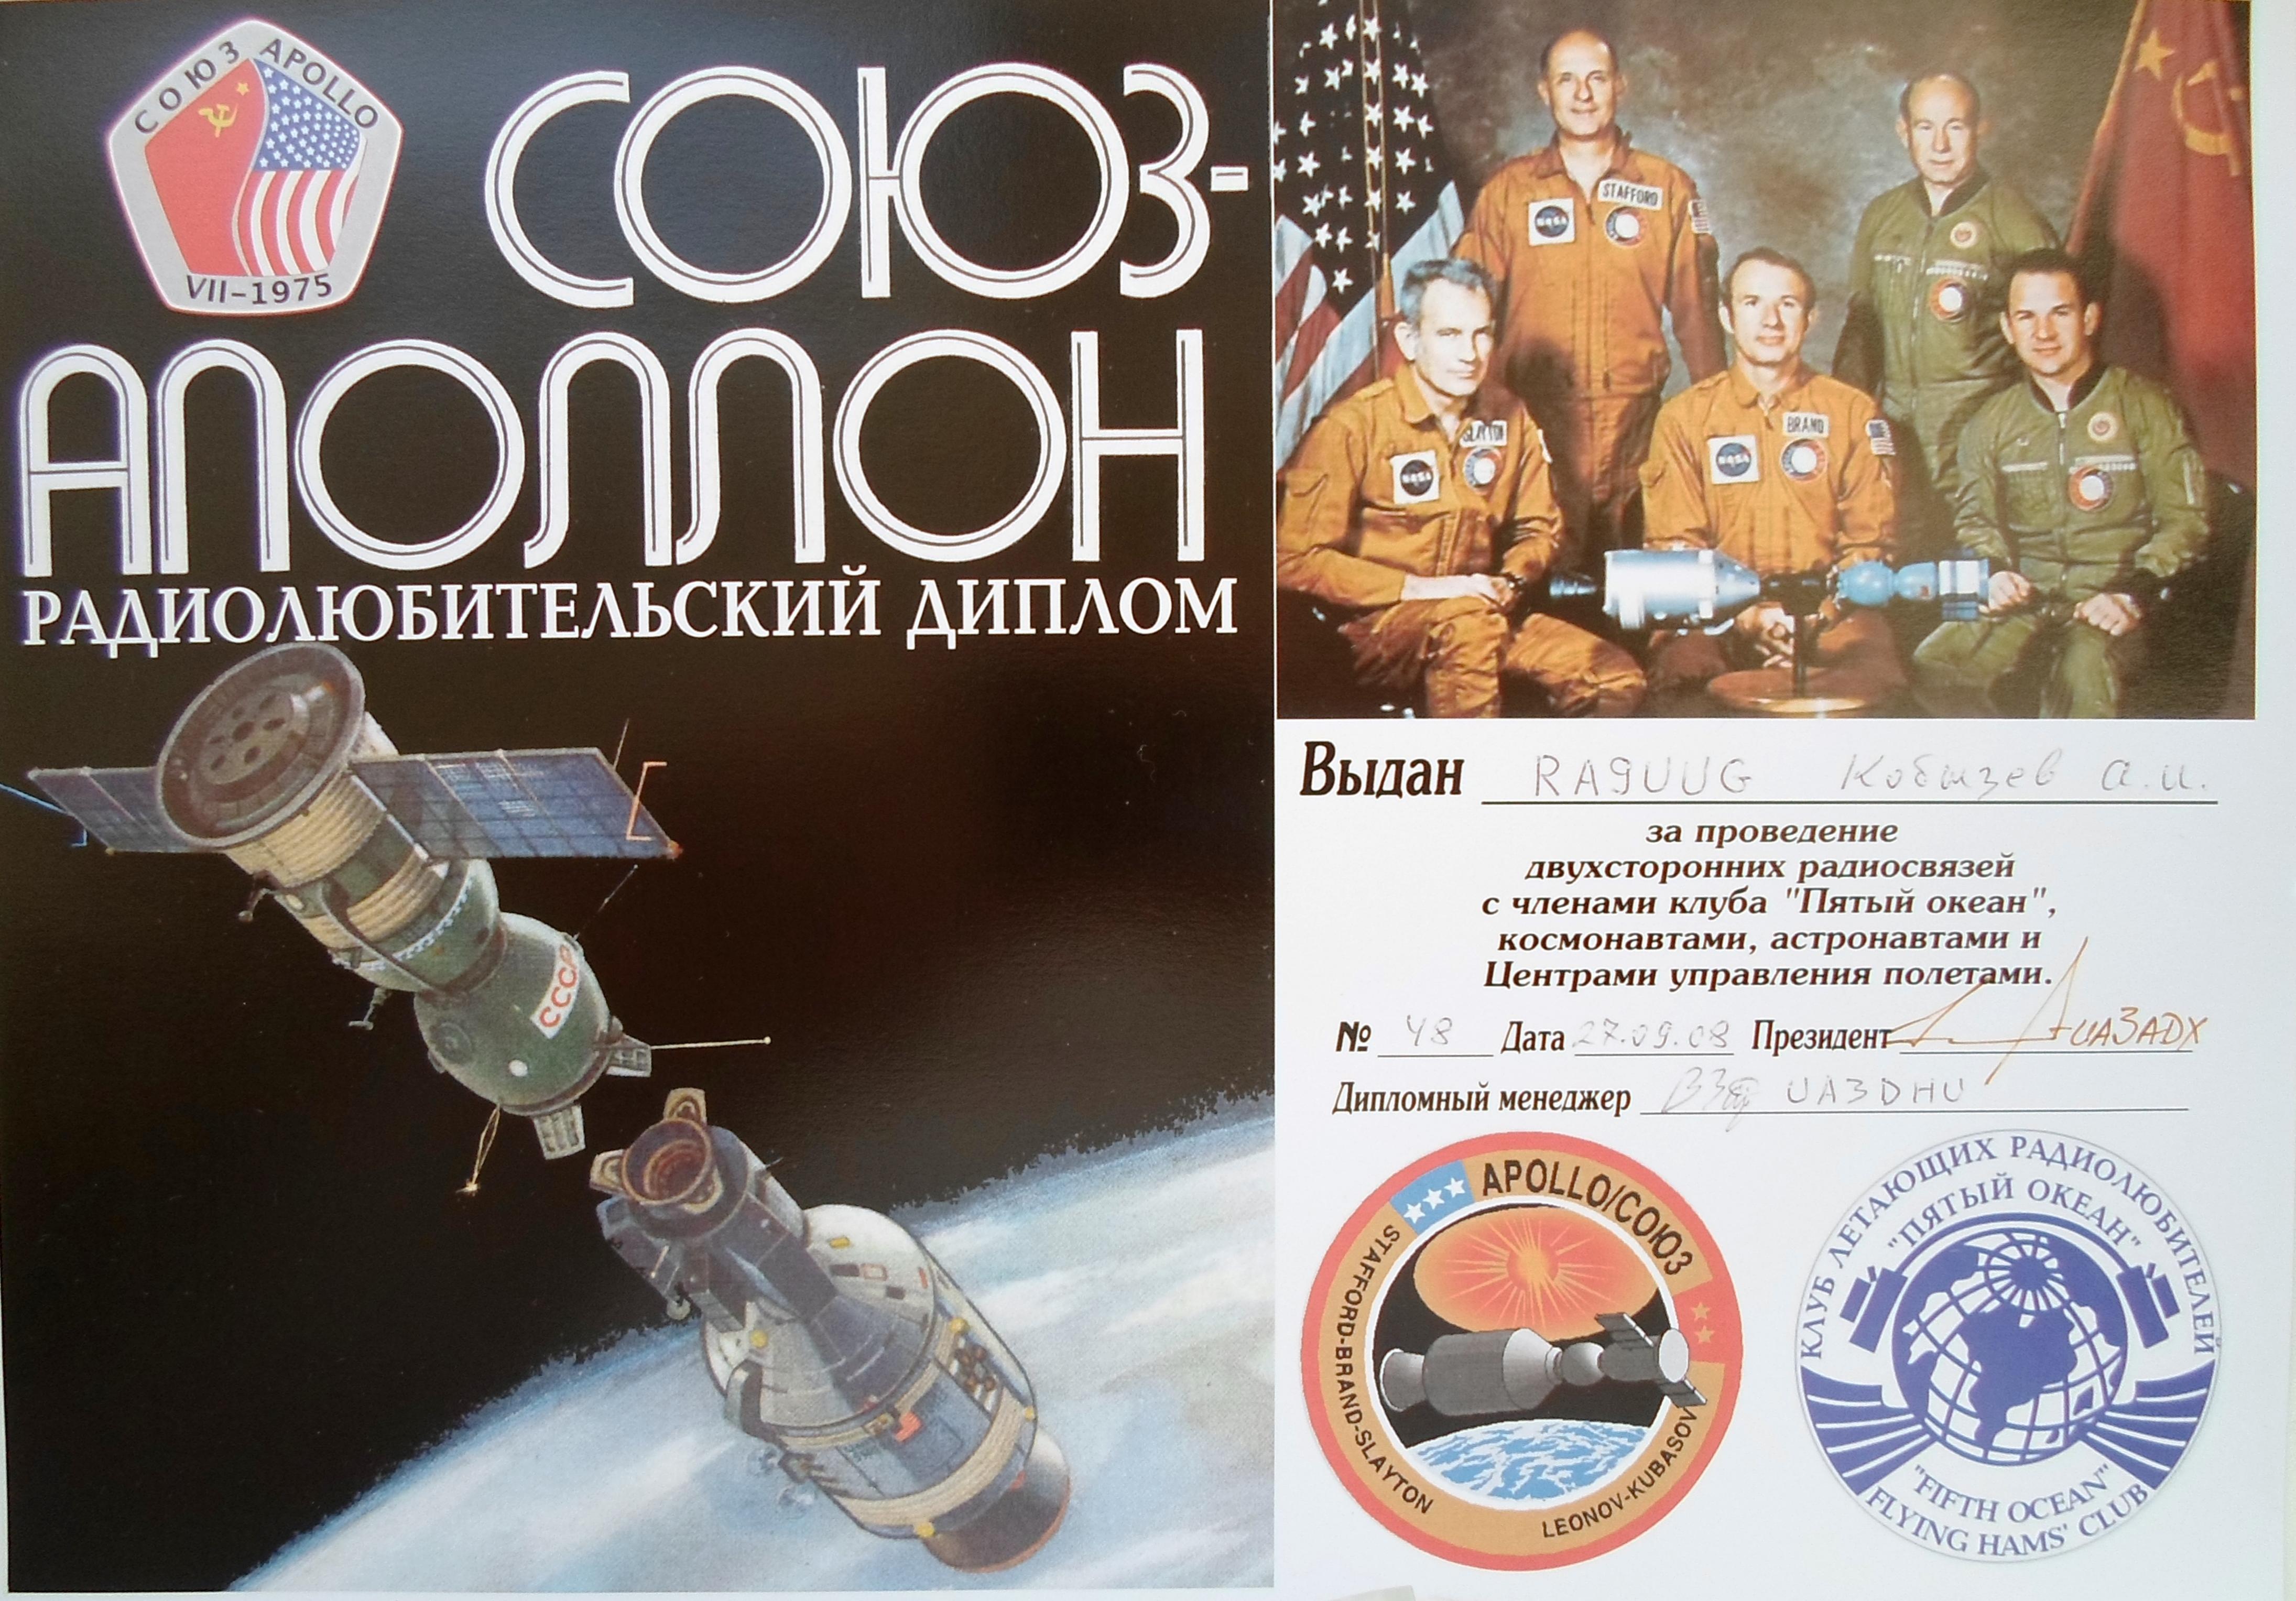 Нажмите на изображение для увеличения.  Название:5 Союз-Аполлон.jpg Просмотров:110 Размер:1.16 Мб ID:126185